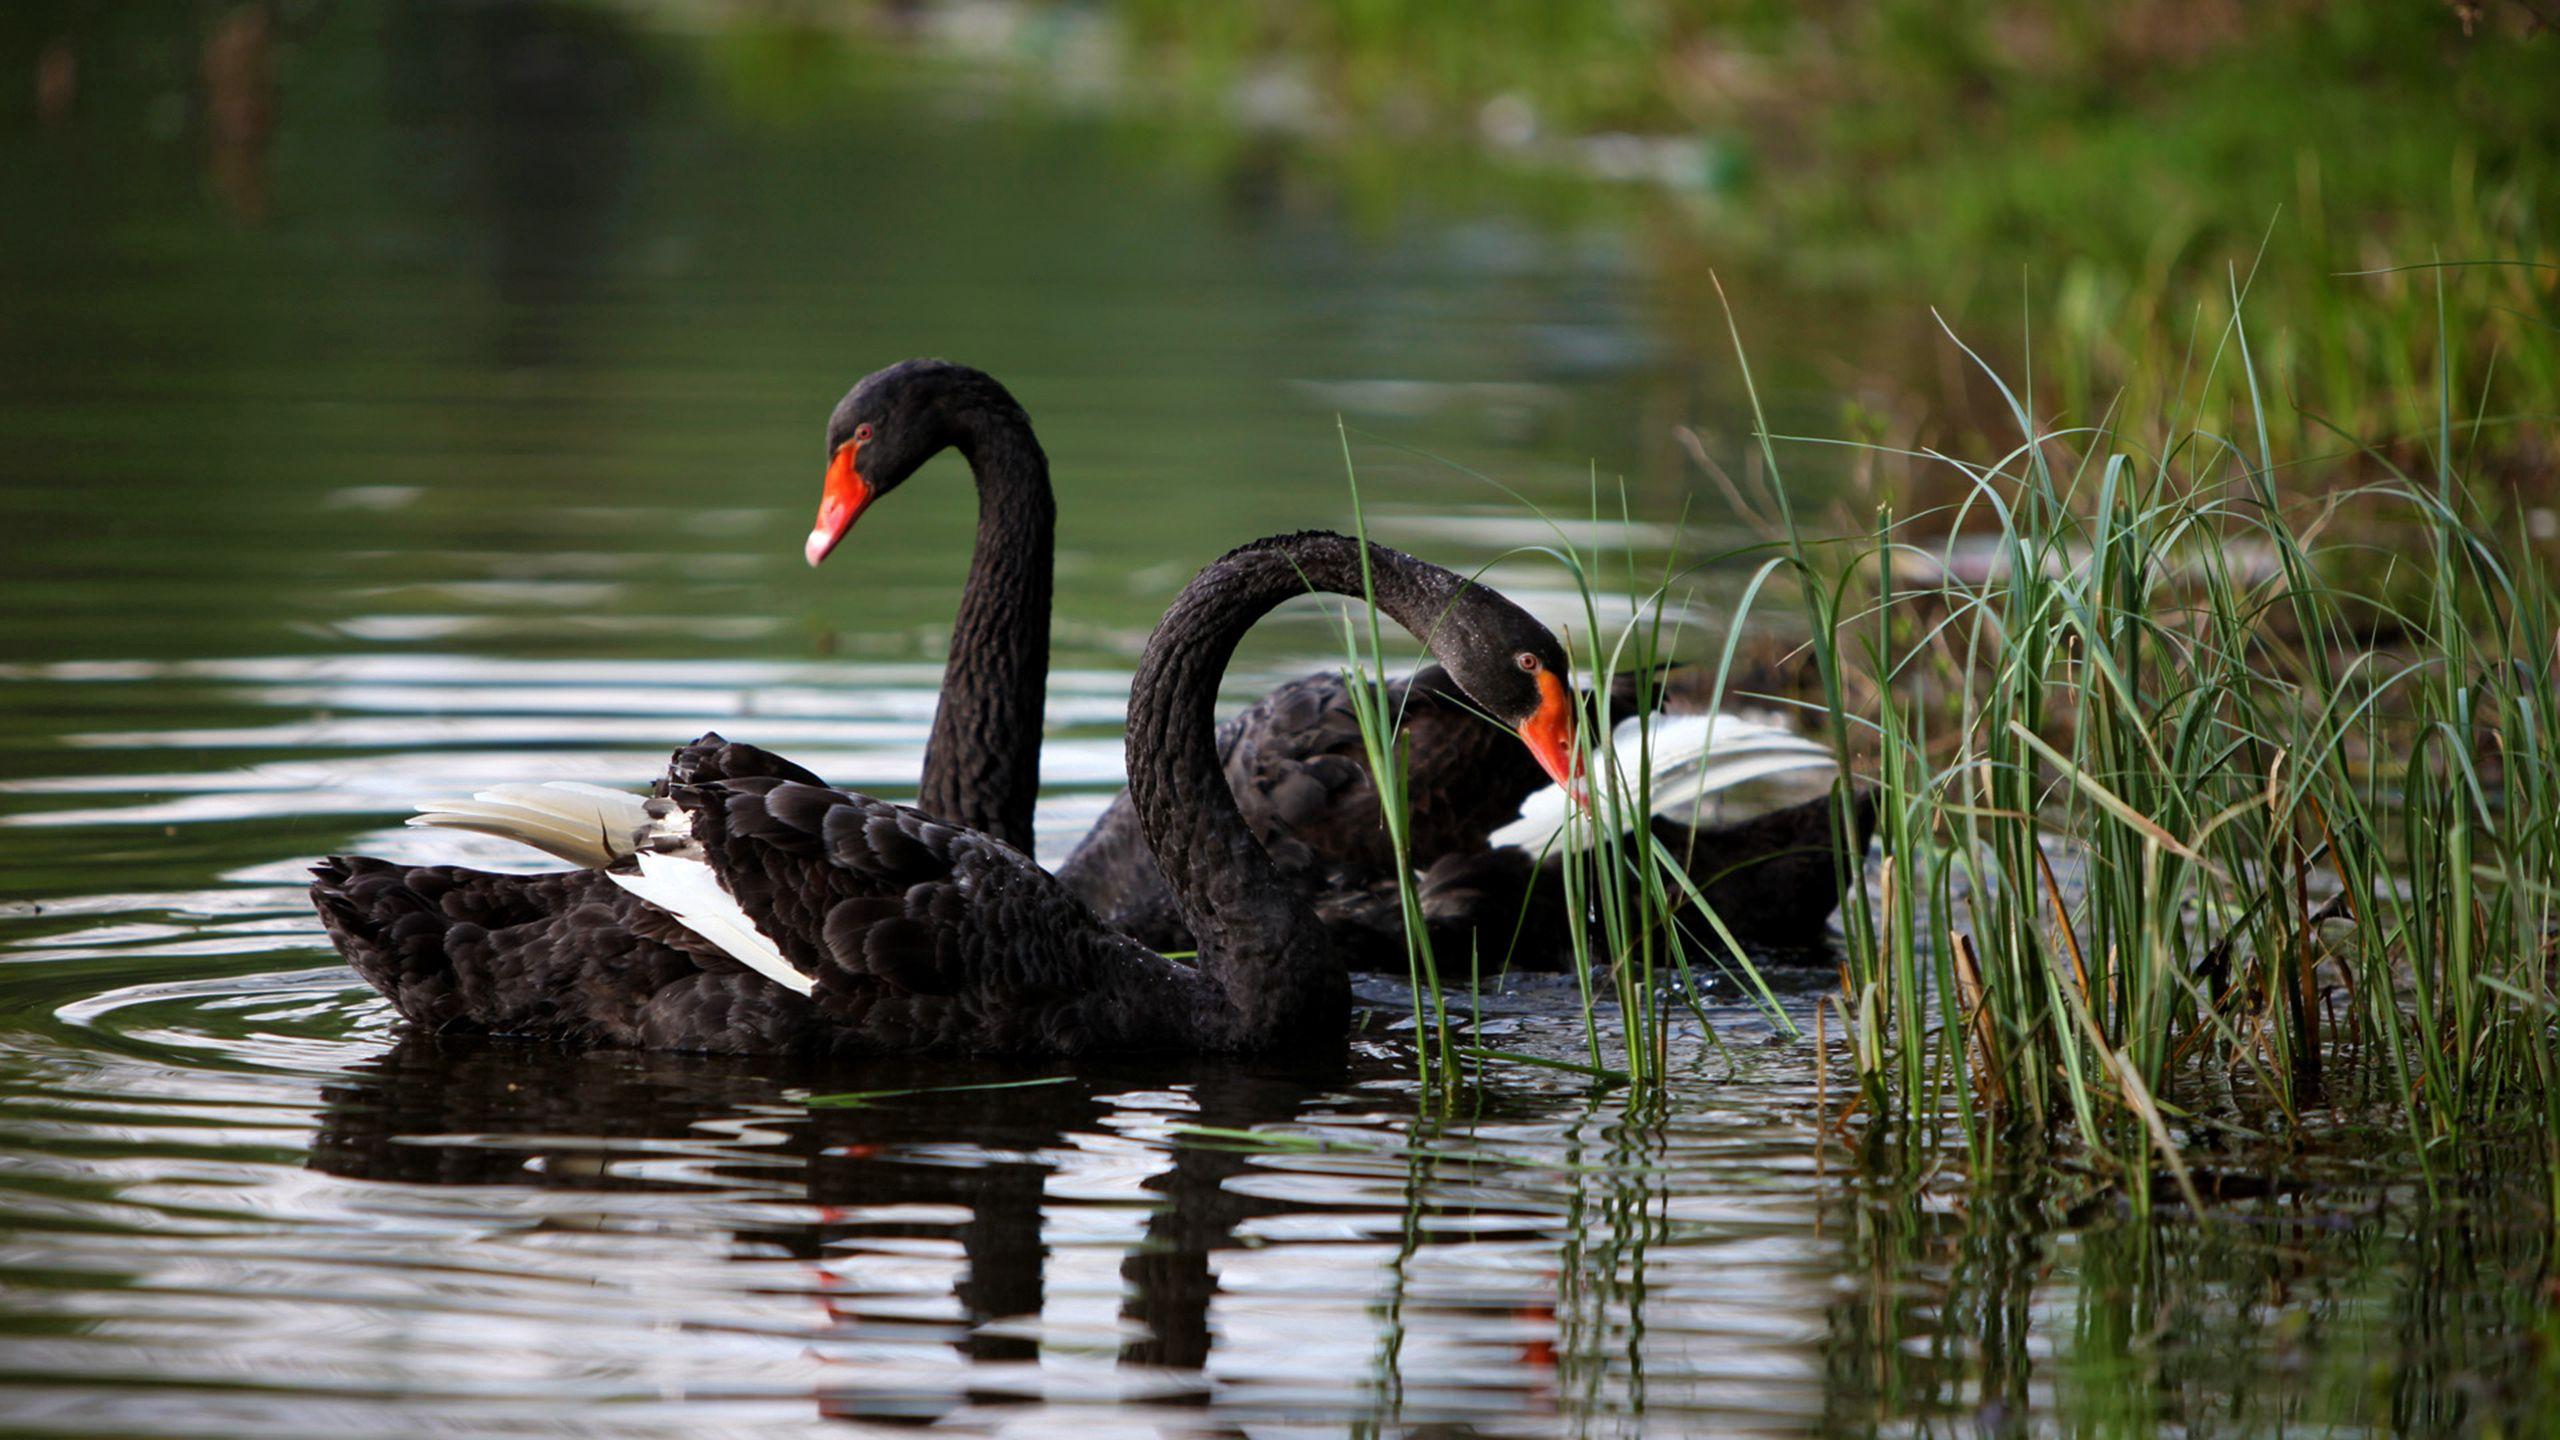 138054 Hintergrundbild herunterladen Tiere, Grass, Swans, See, Teich - Bildschirmschoner und Bilder kostenlos